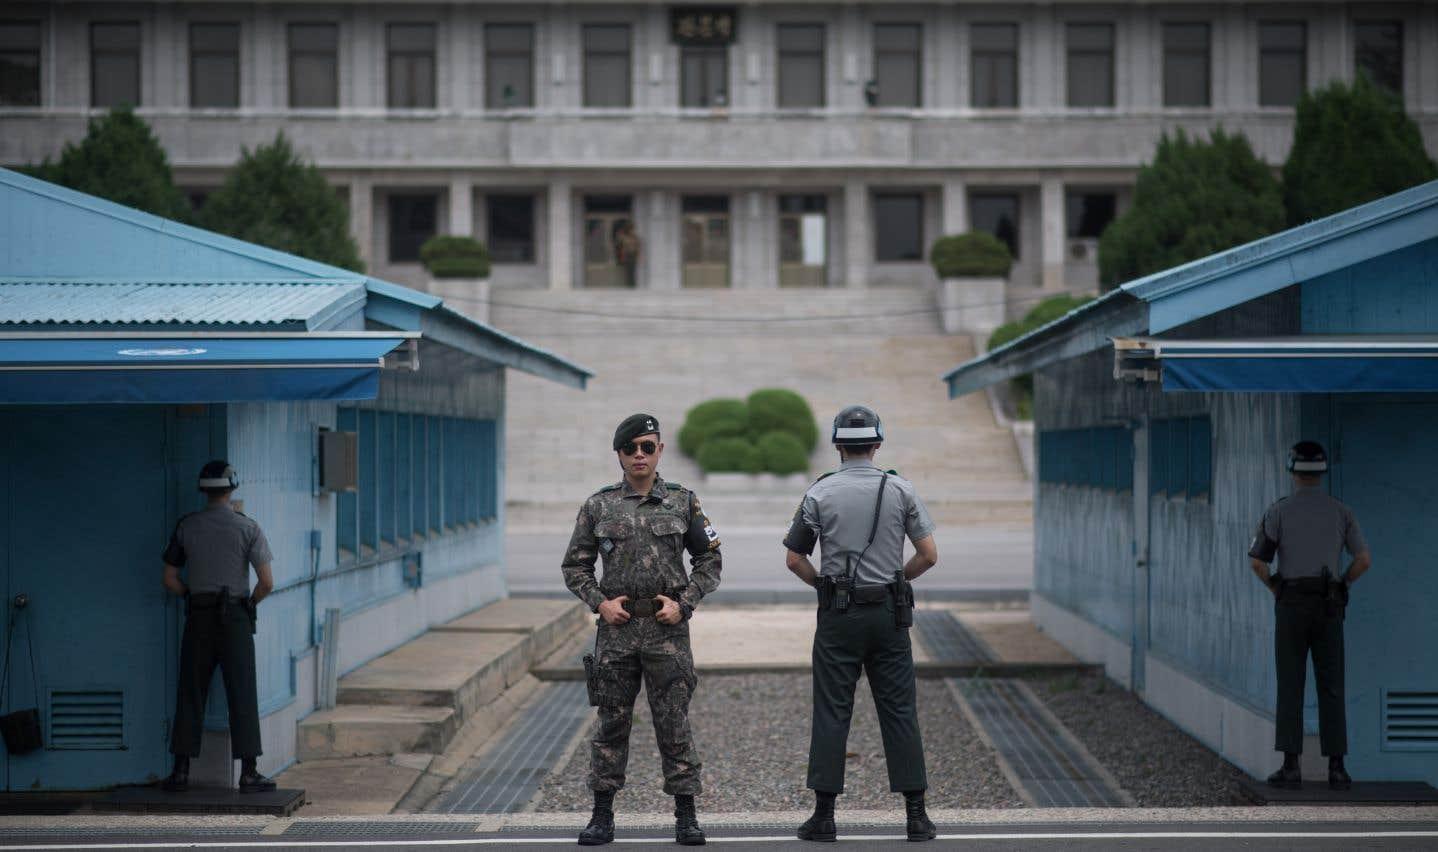 Des soldats sud-coréens montent la garde à la frontière entre la Corée du Nord et la Corée du Sud.